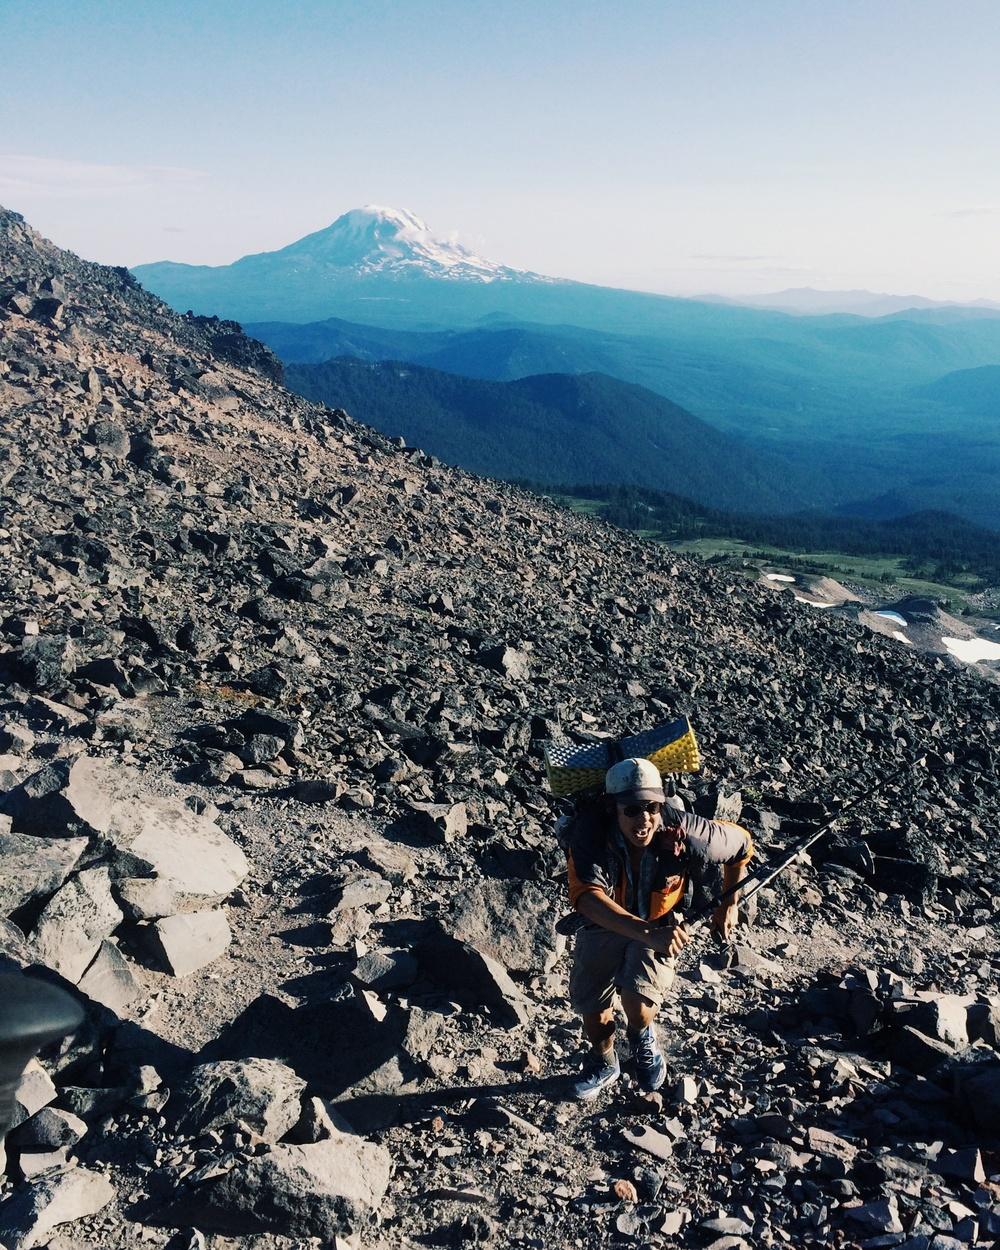 Mt. Adams in the back. Butttttttters on the way up! YOTOOOOoOooooooh